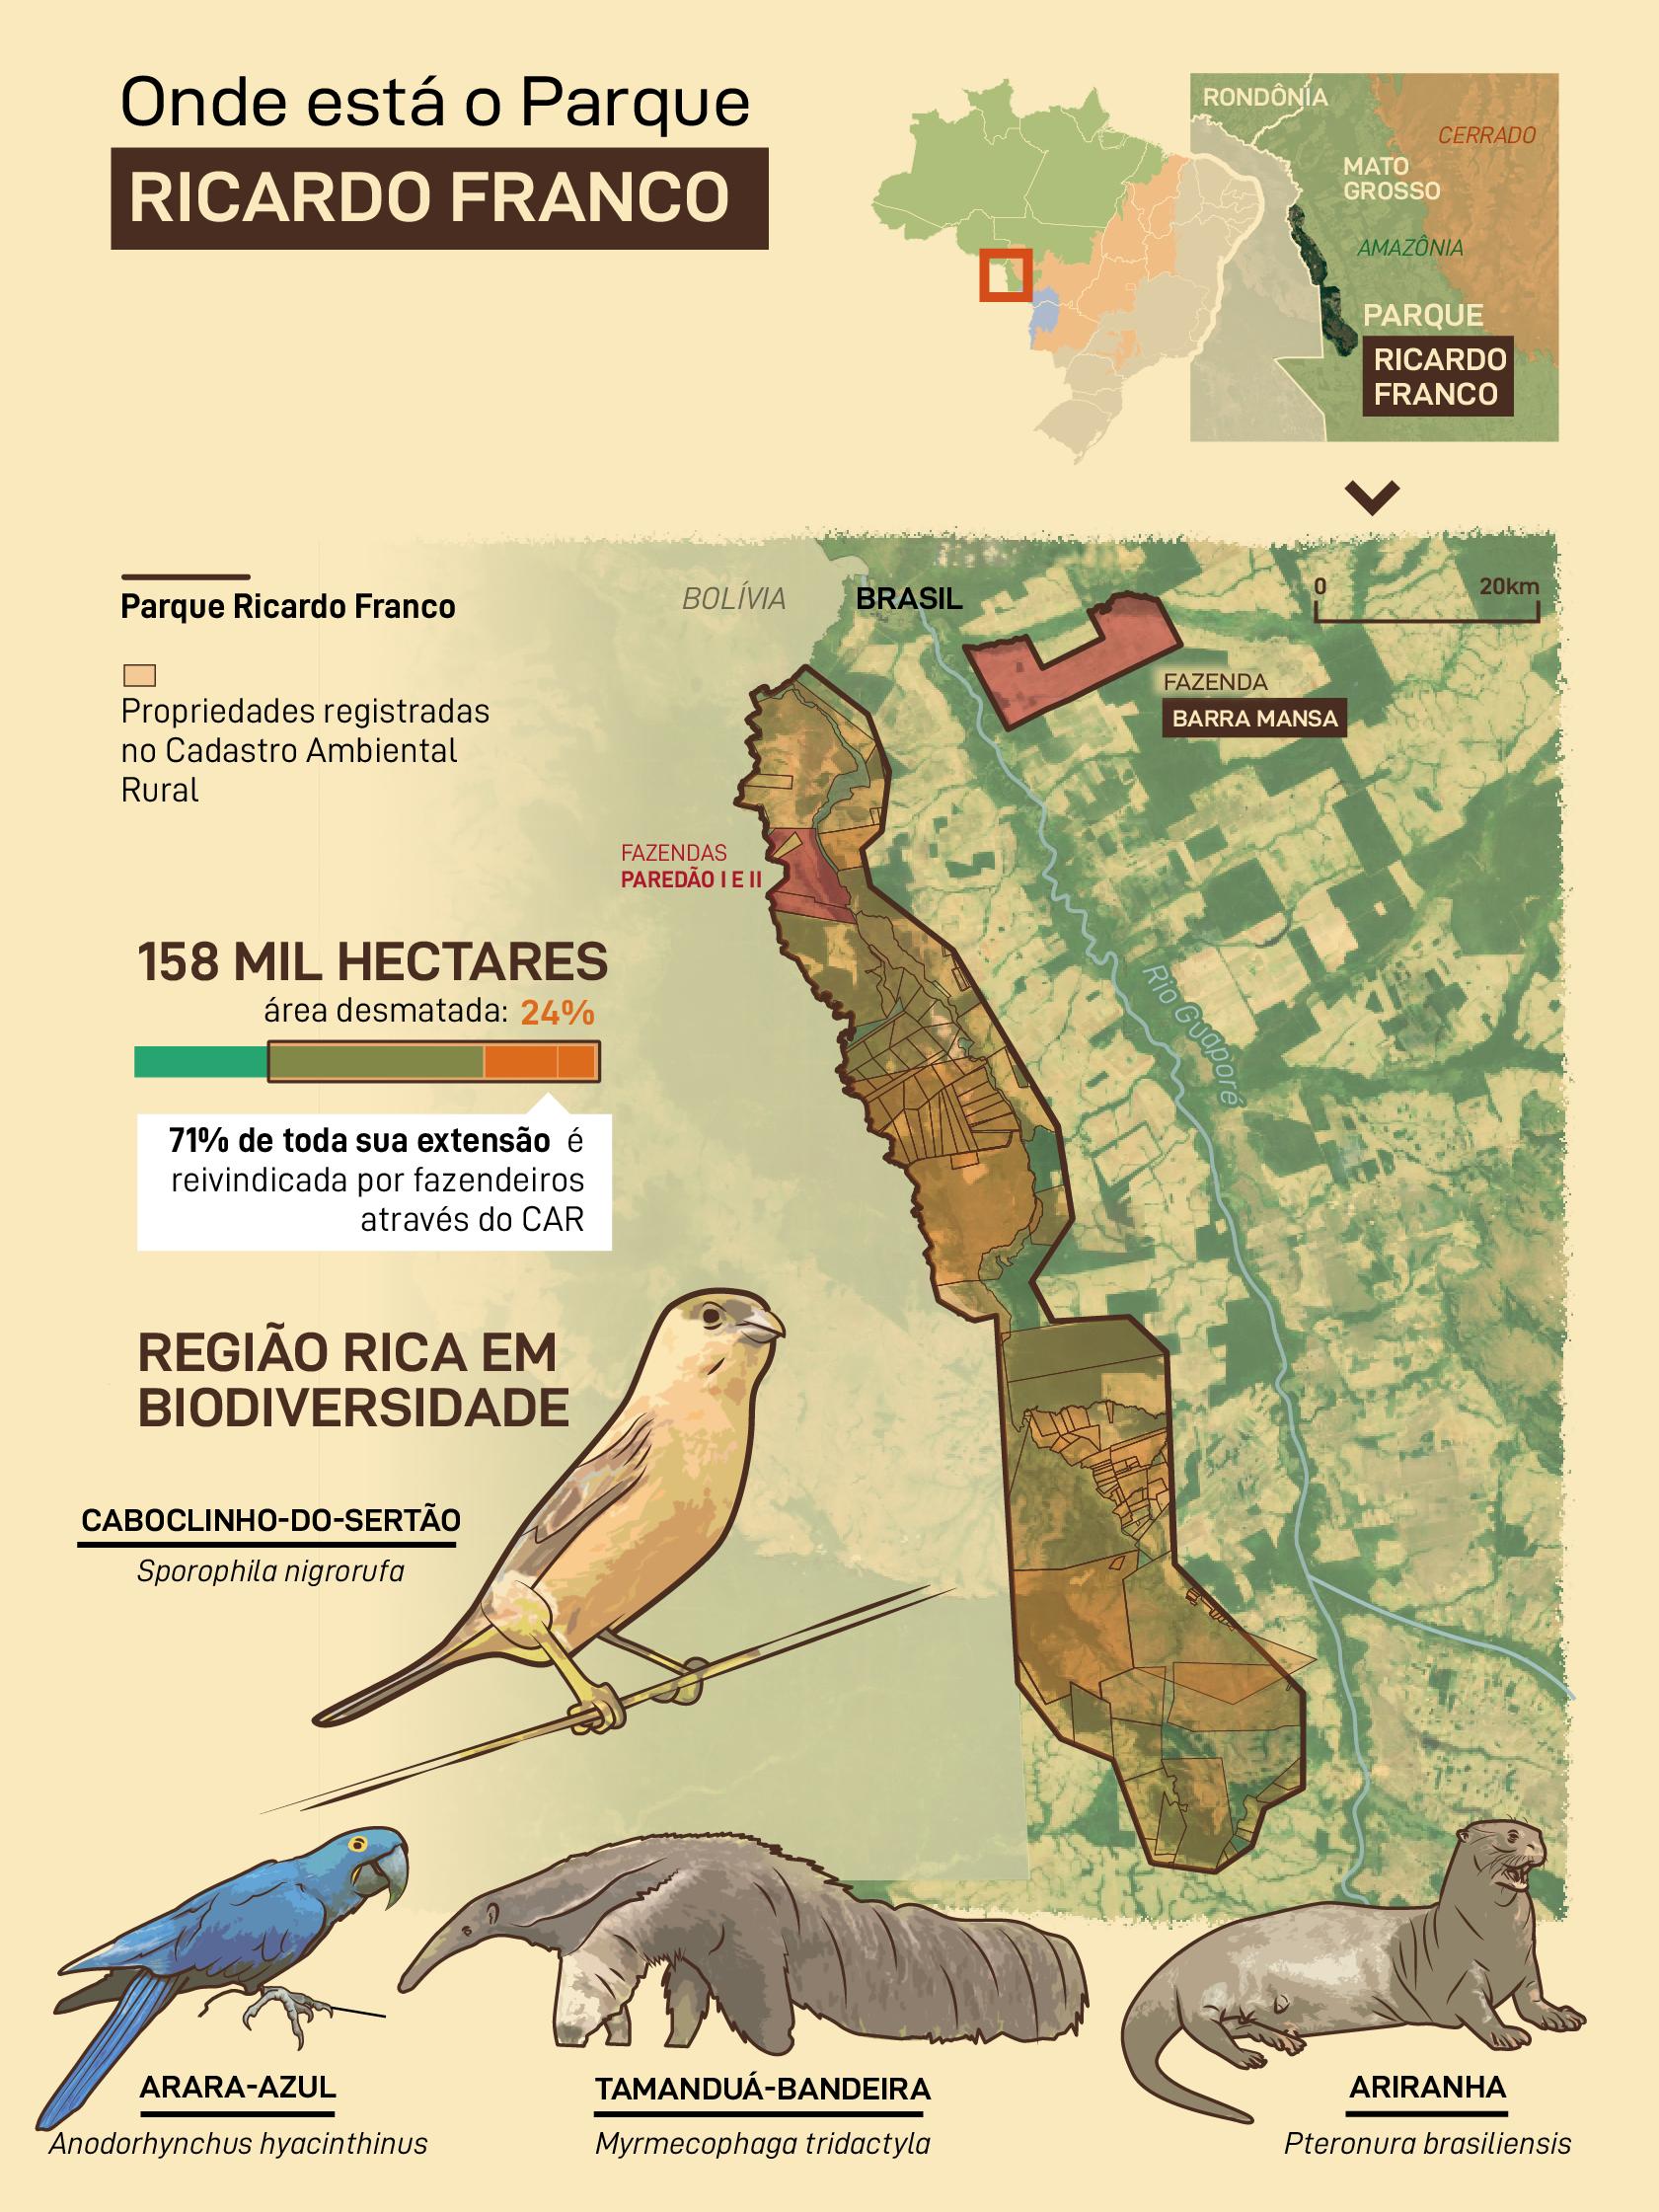 Onde está o Parque Ricardo Franco